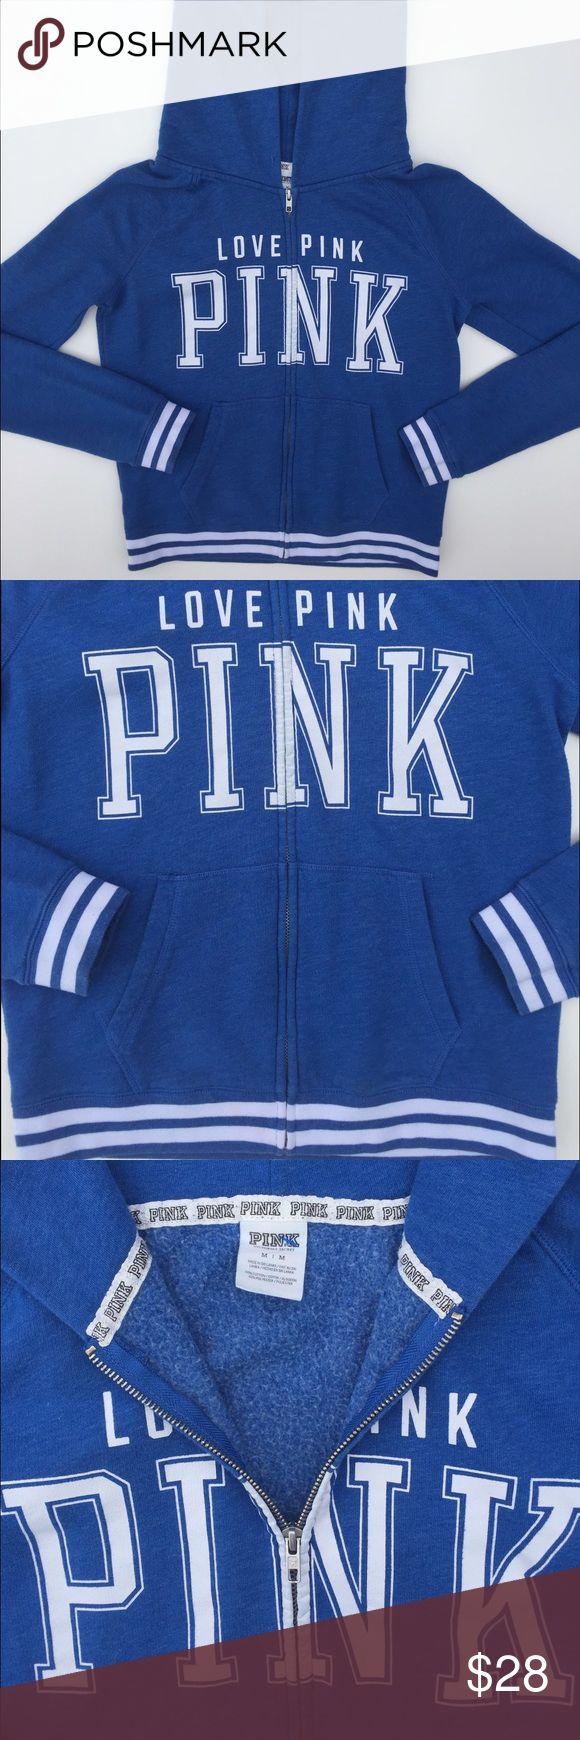 VS PINK blue & white zip up hoodie Size medium Victoria's Secret PINK blue and white zip up hoodie. Blue & white stripe detail trim around waist and sleeve. Has pockets. PINK Victoria's Secret Tops Sweatshirts & Hoodies